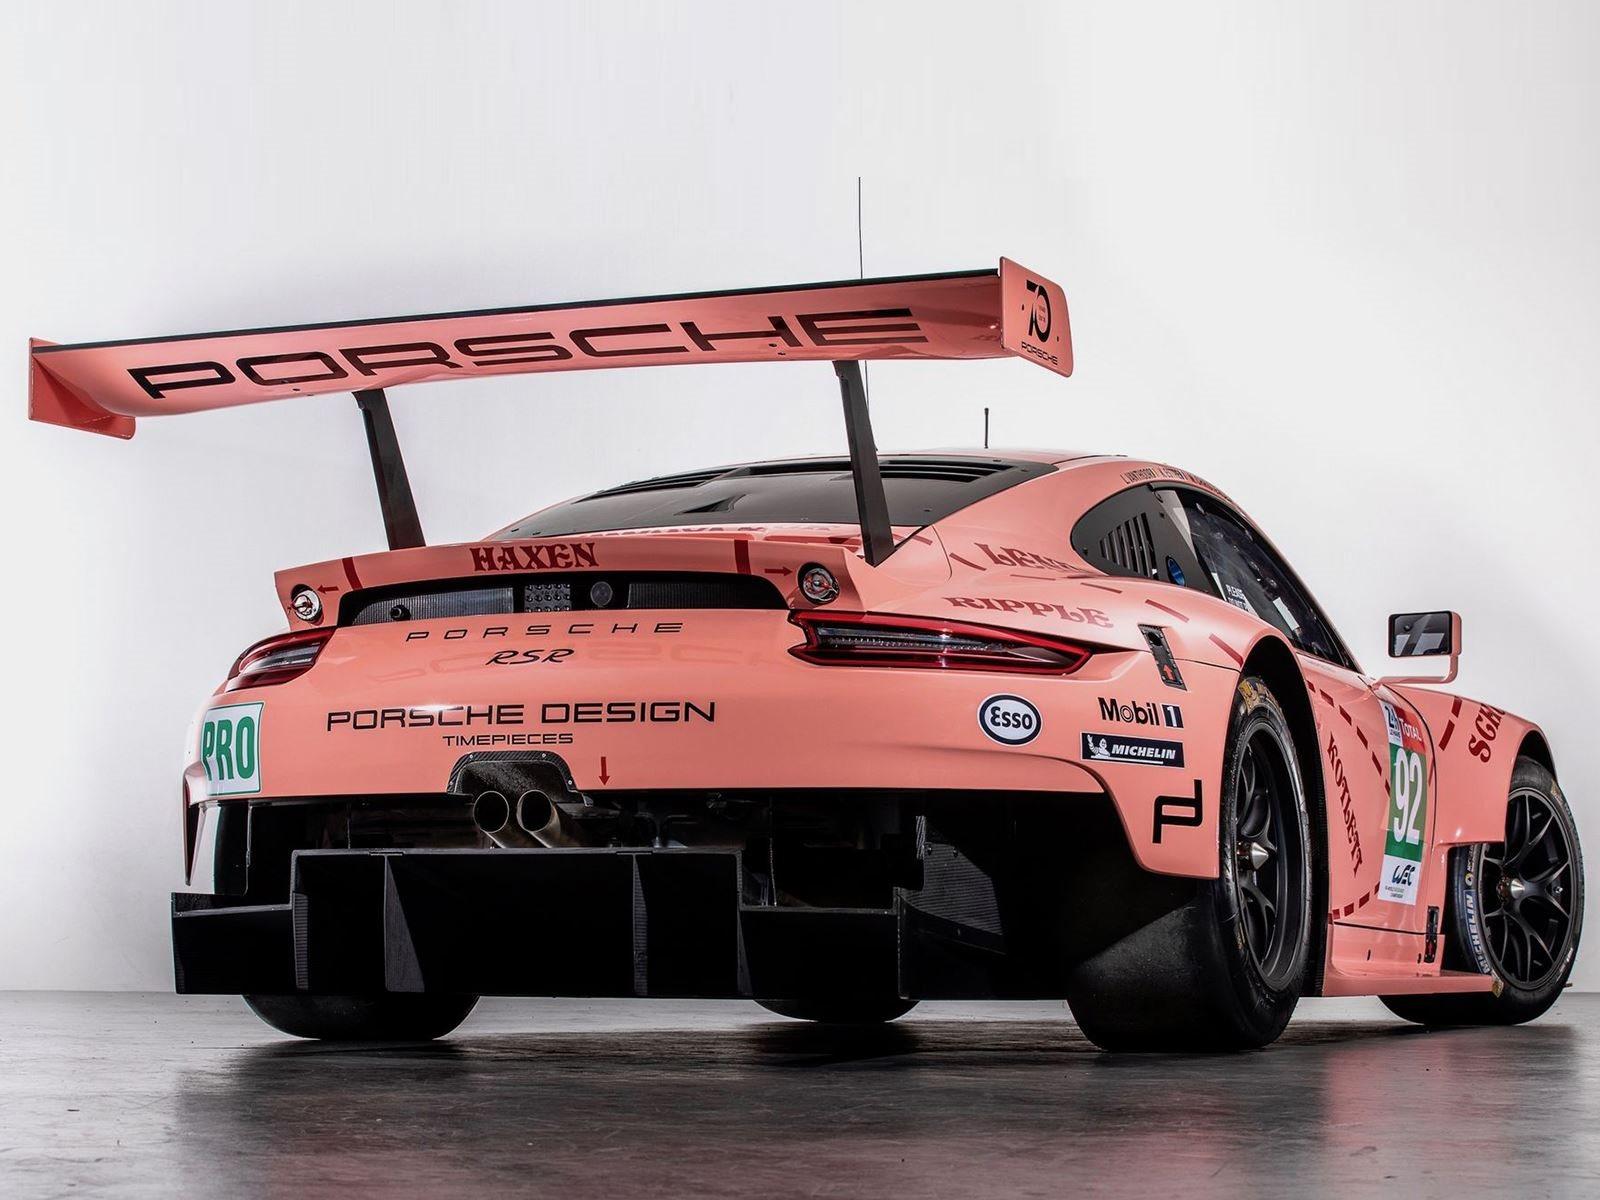 № 92 Porsche 911 RSR, который выиграл класс LMGTE Pro, был разрисован уникальной розовой ливреей, которая напоминает нам старый Pink Pig Porsche 917/20 1971 года.